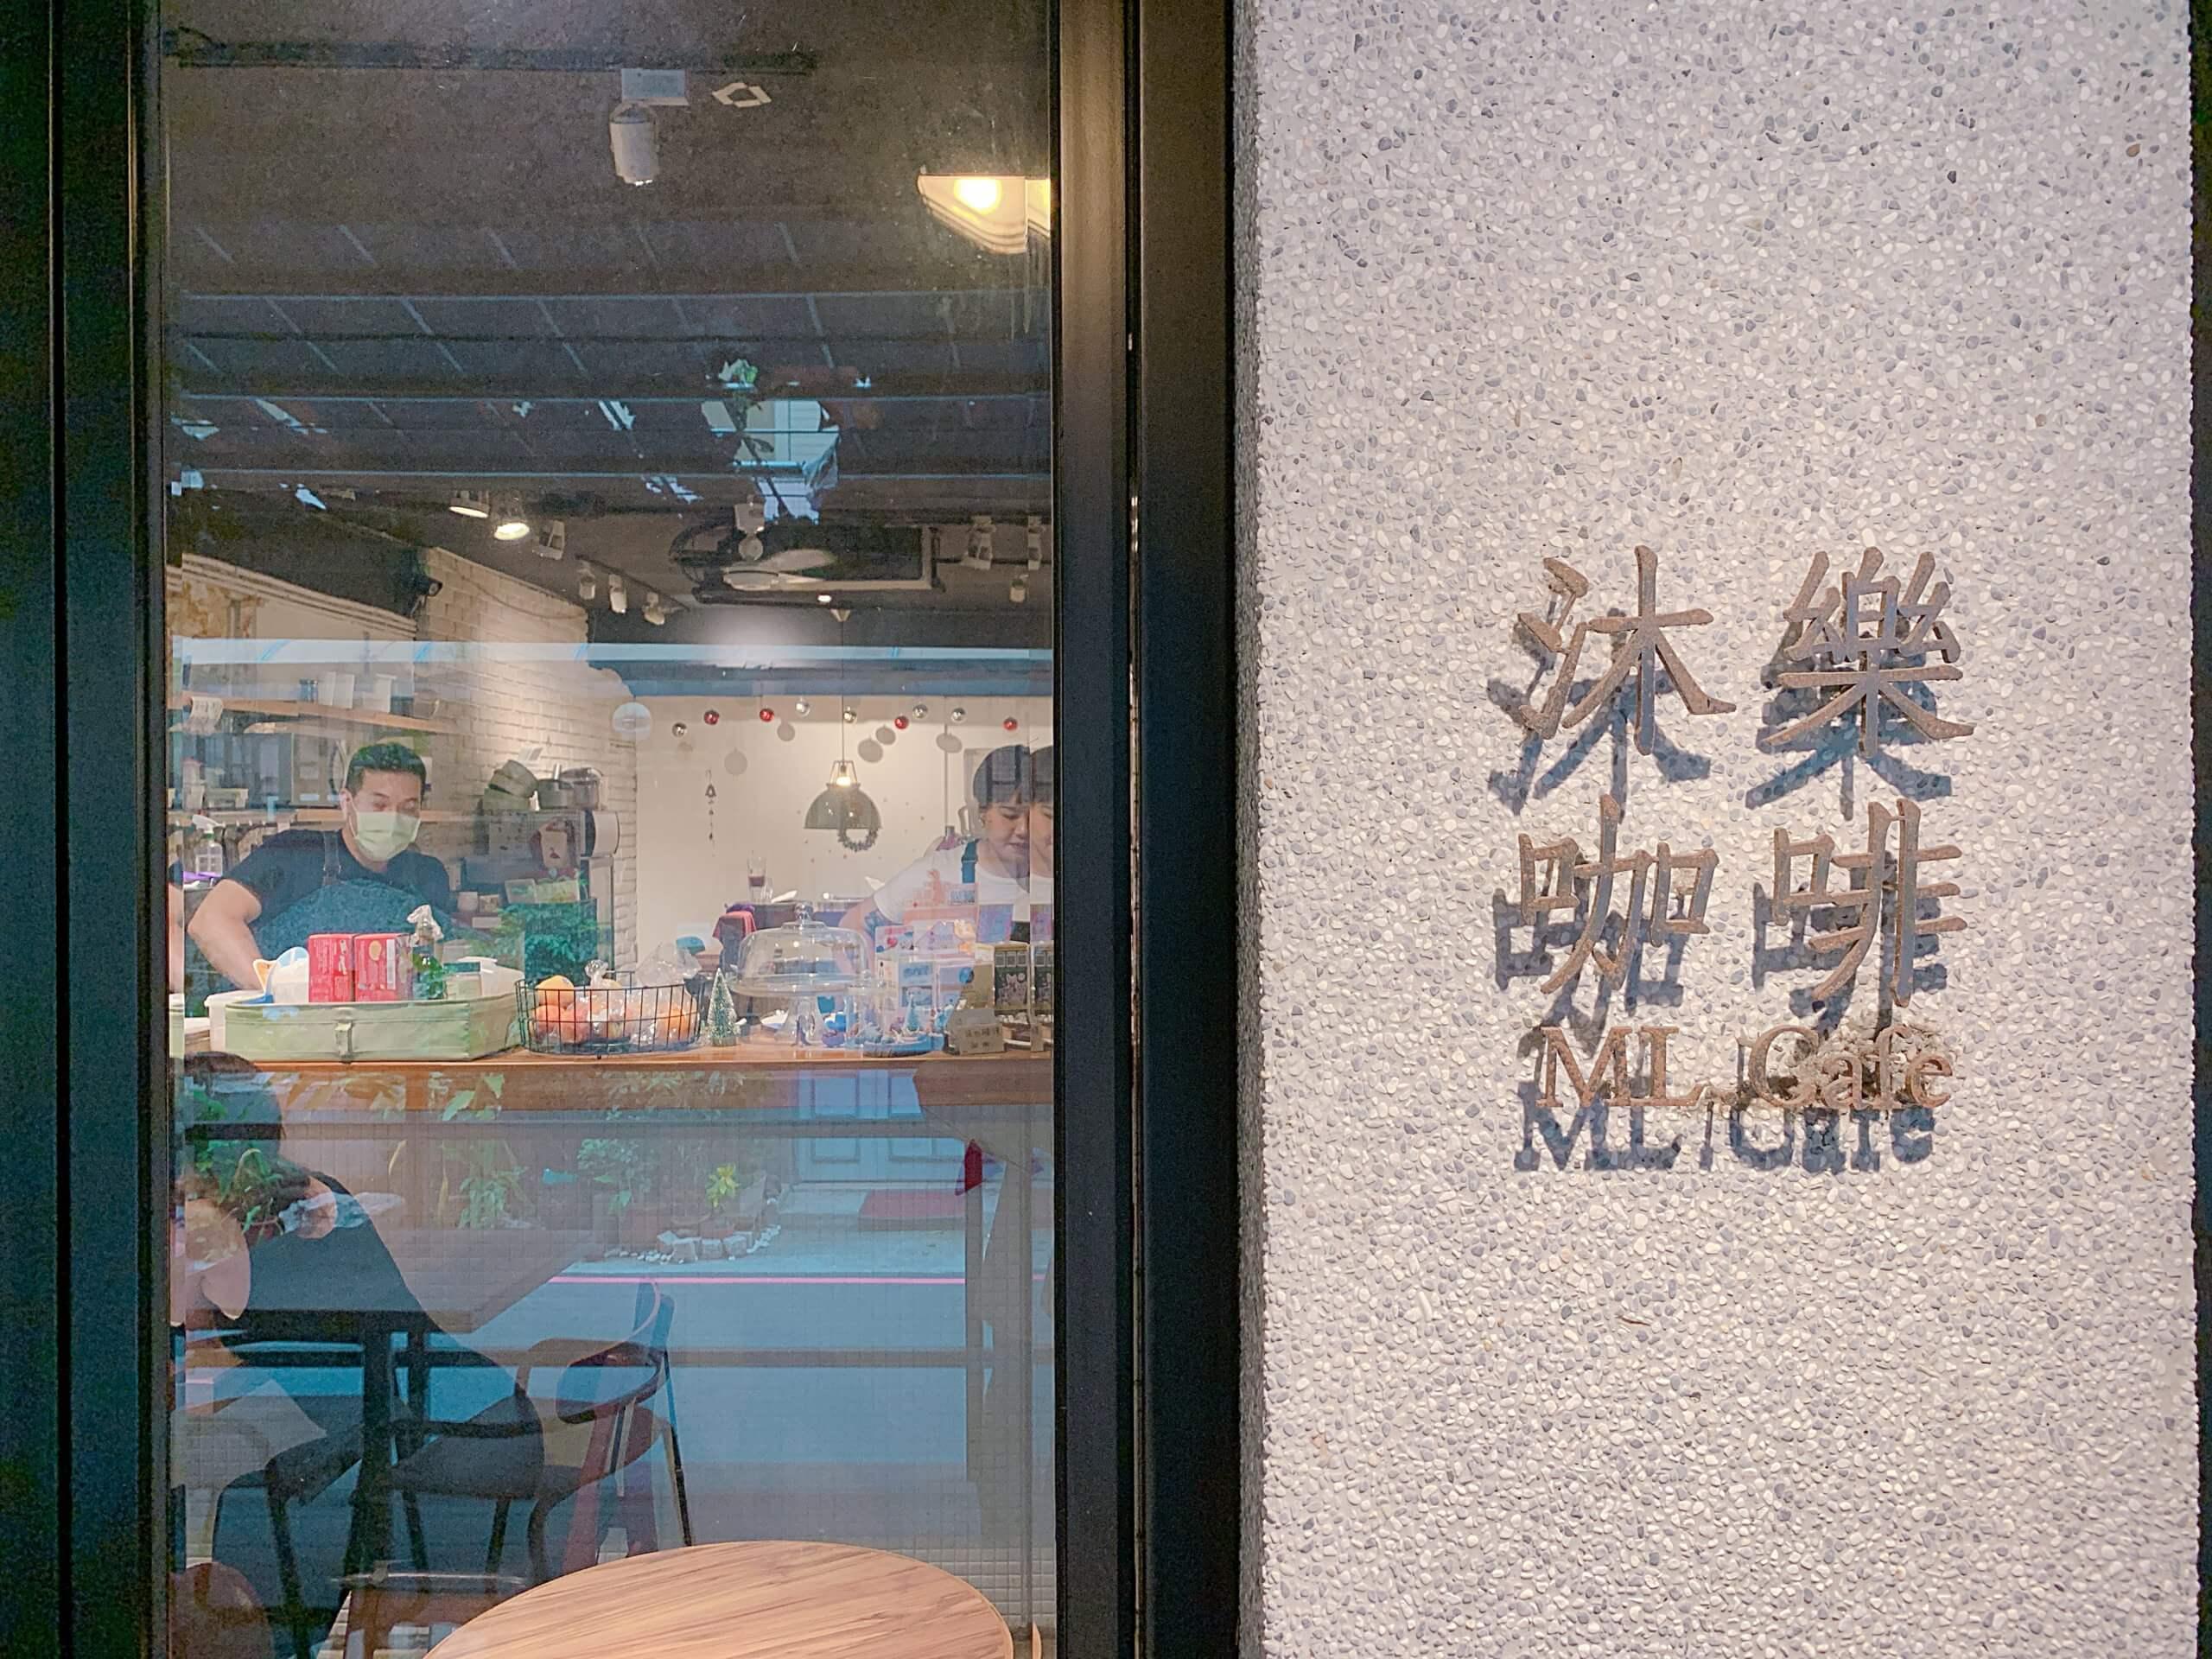 【食記】忠孝新生|沐樂咖啡—隱身小巷的工業風文青咖啡廳/鬆餅&咖啡